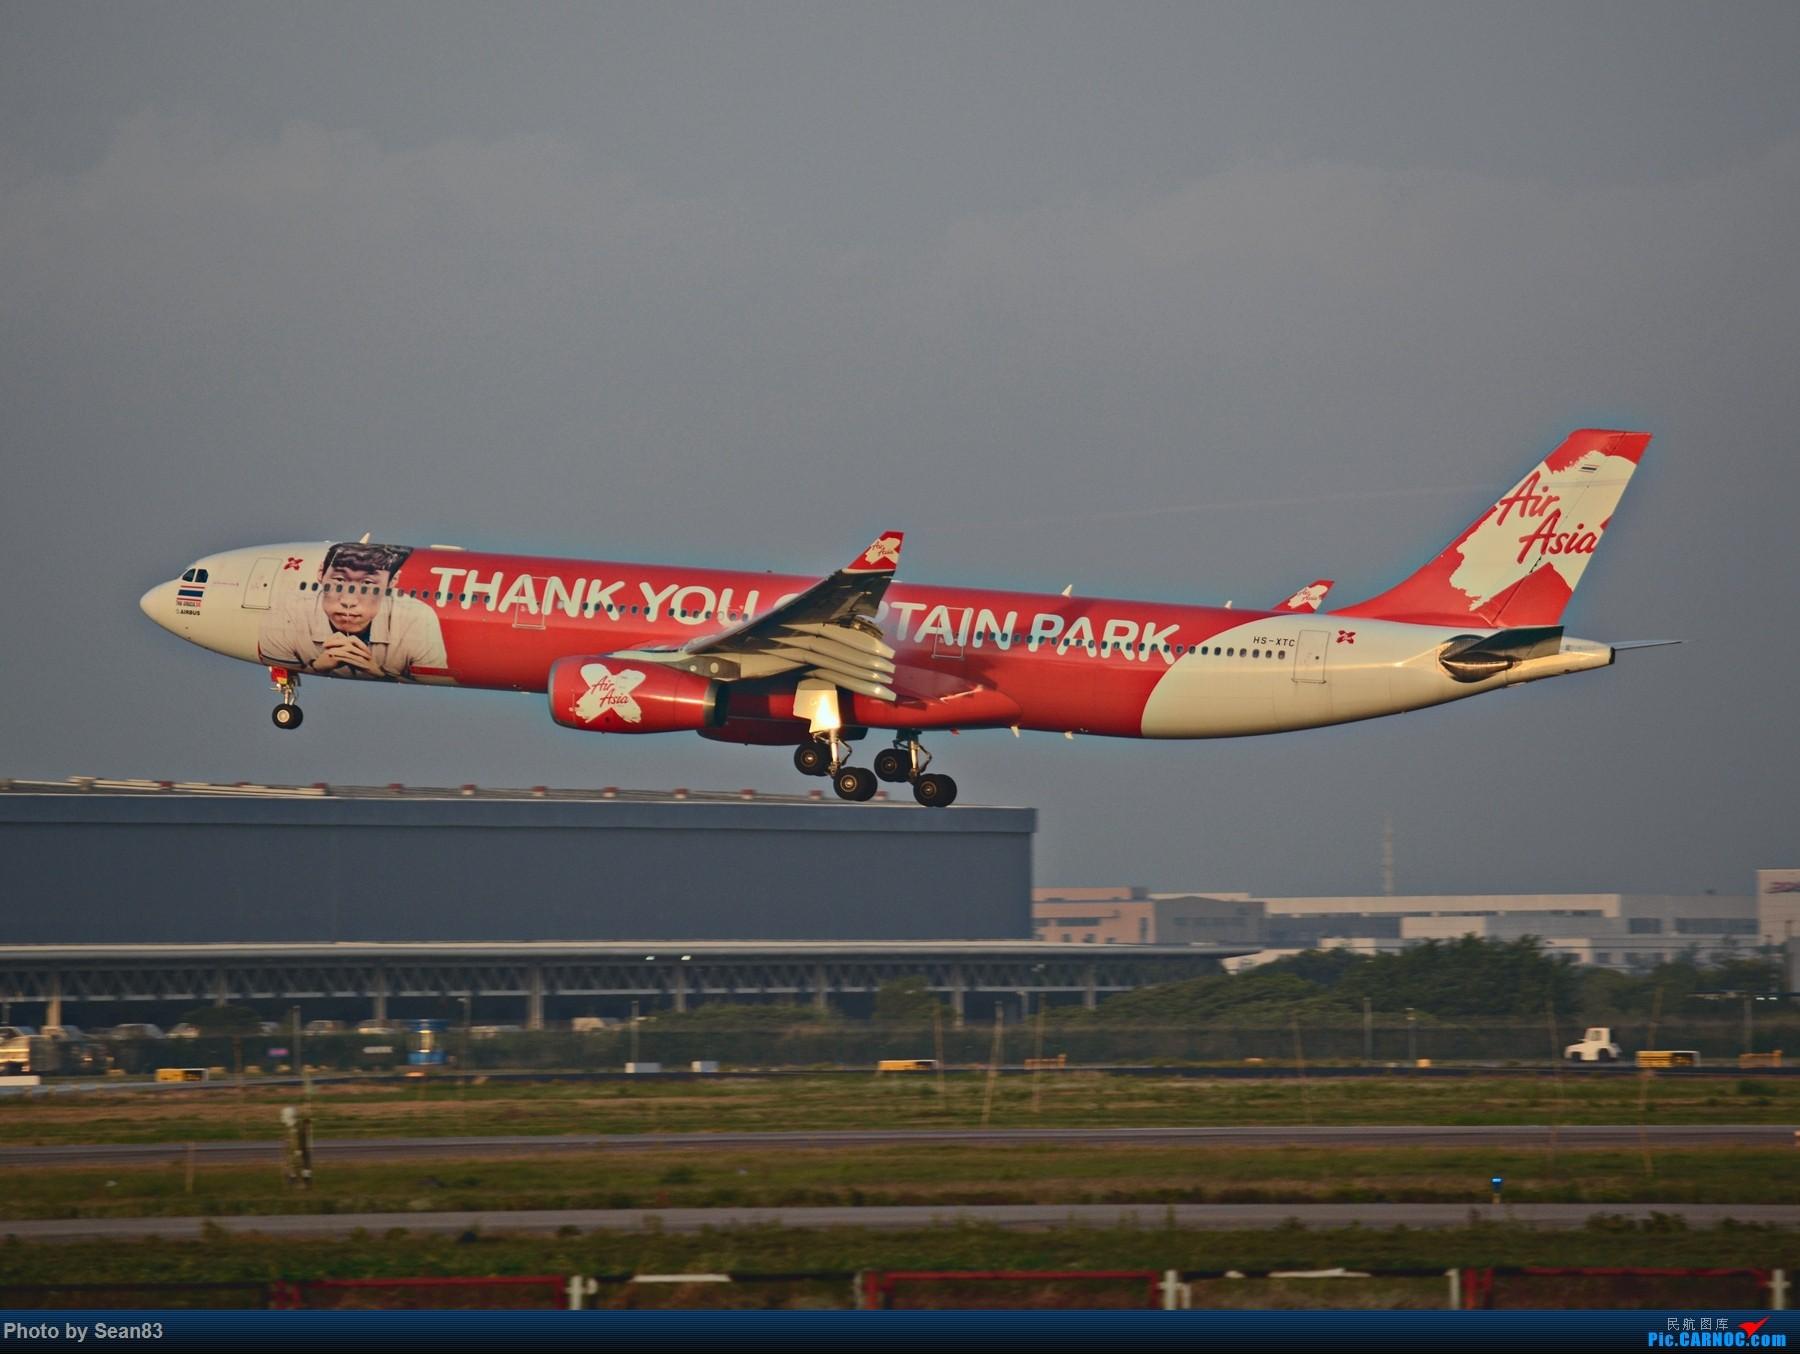 [原创](PVG1800*)亚航 朴队长彩绘 清晨降落,有大头照 AIRBUS A330-300 HS-XTC 上海浦东国际机场